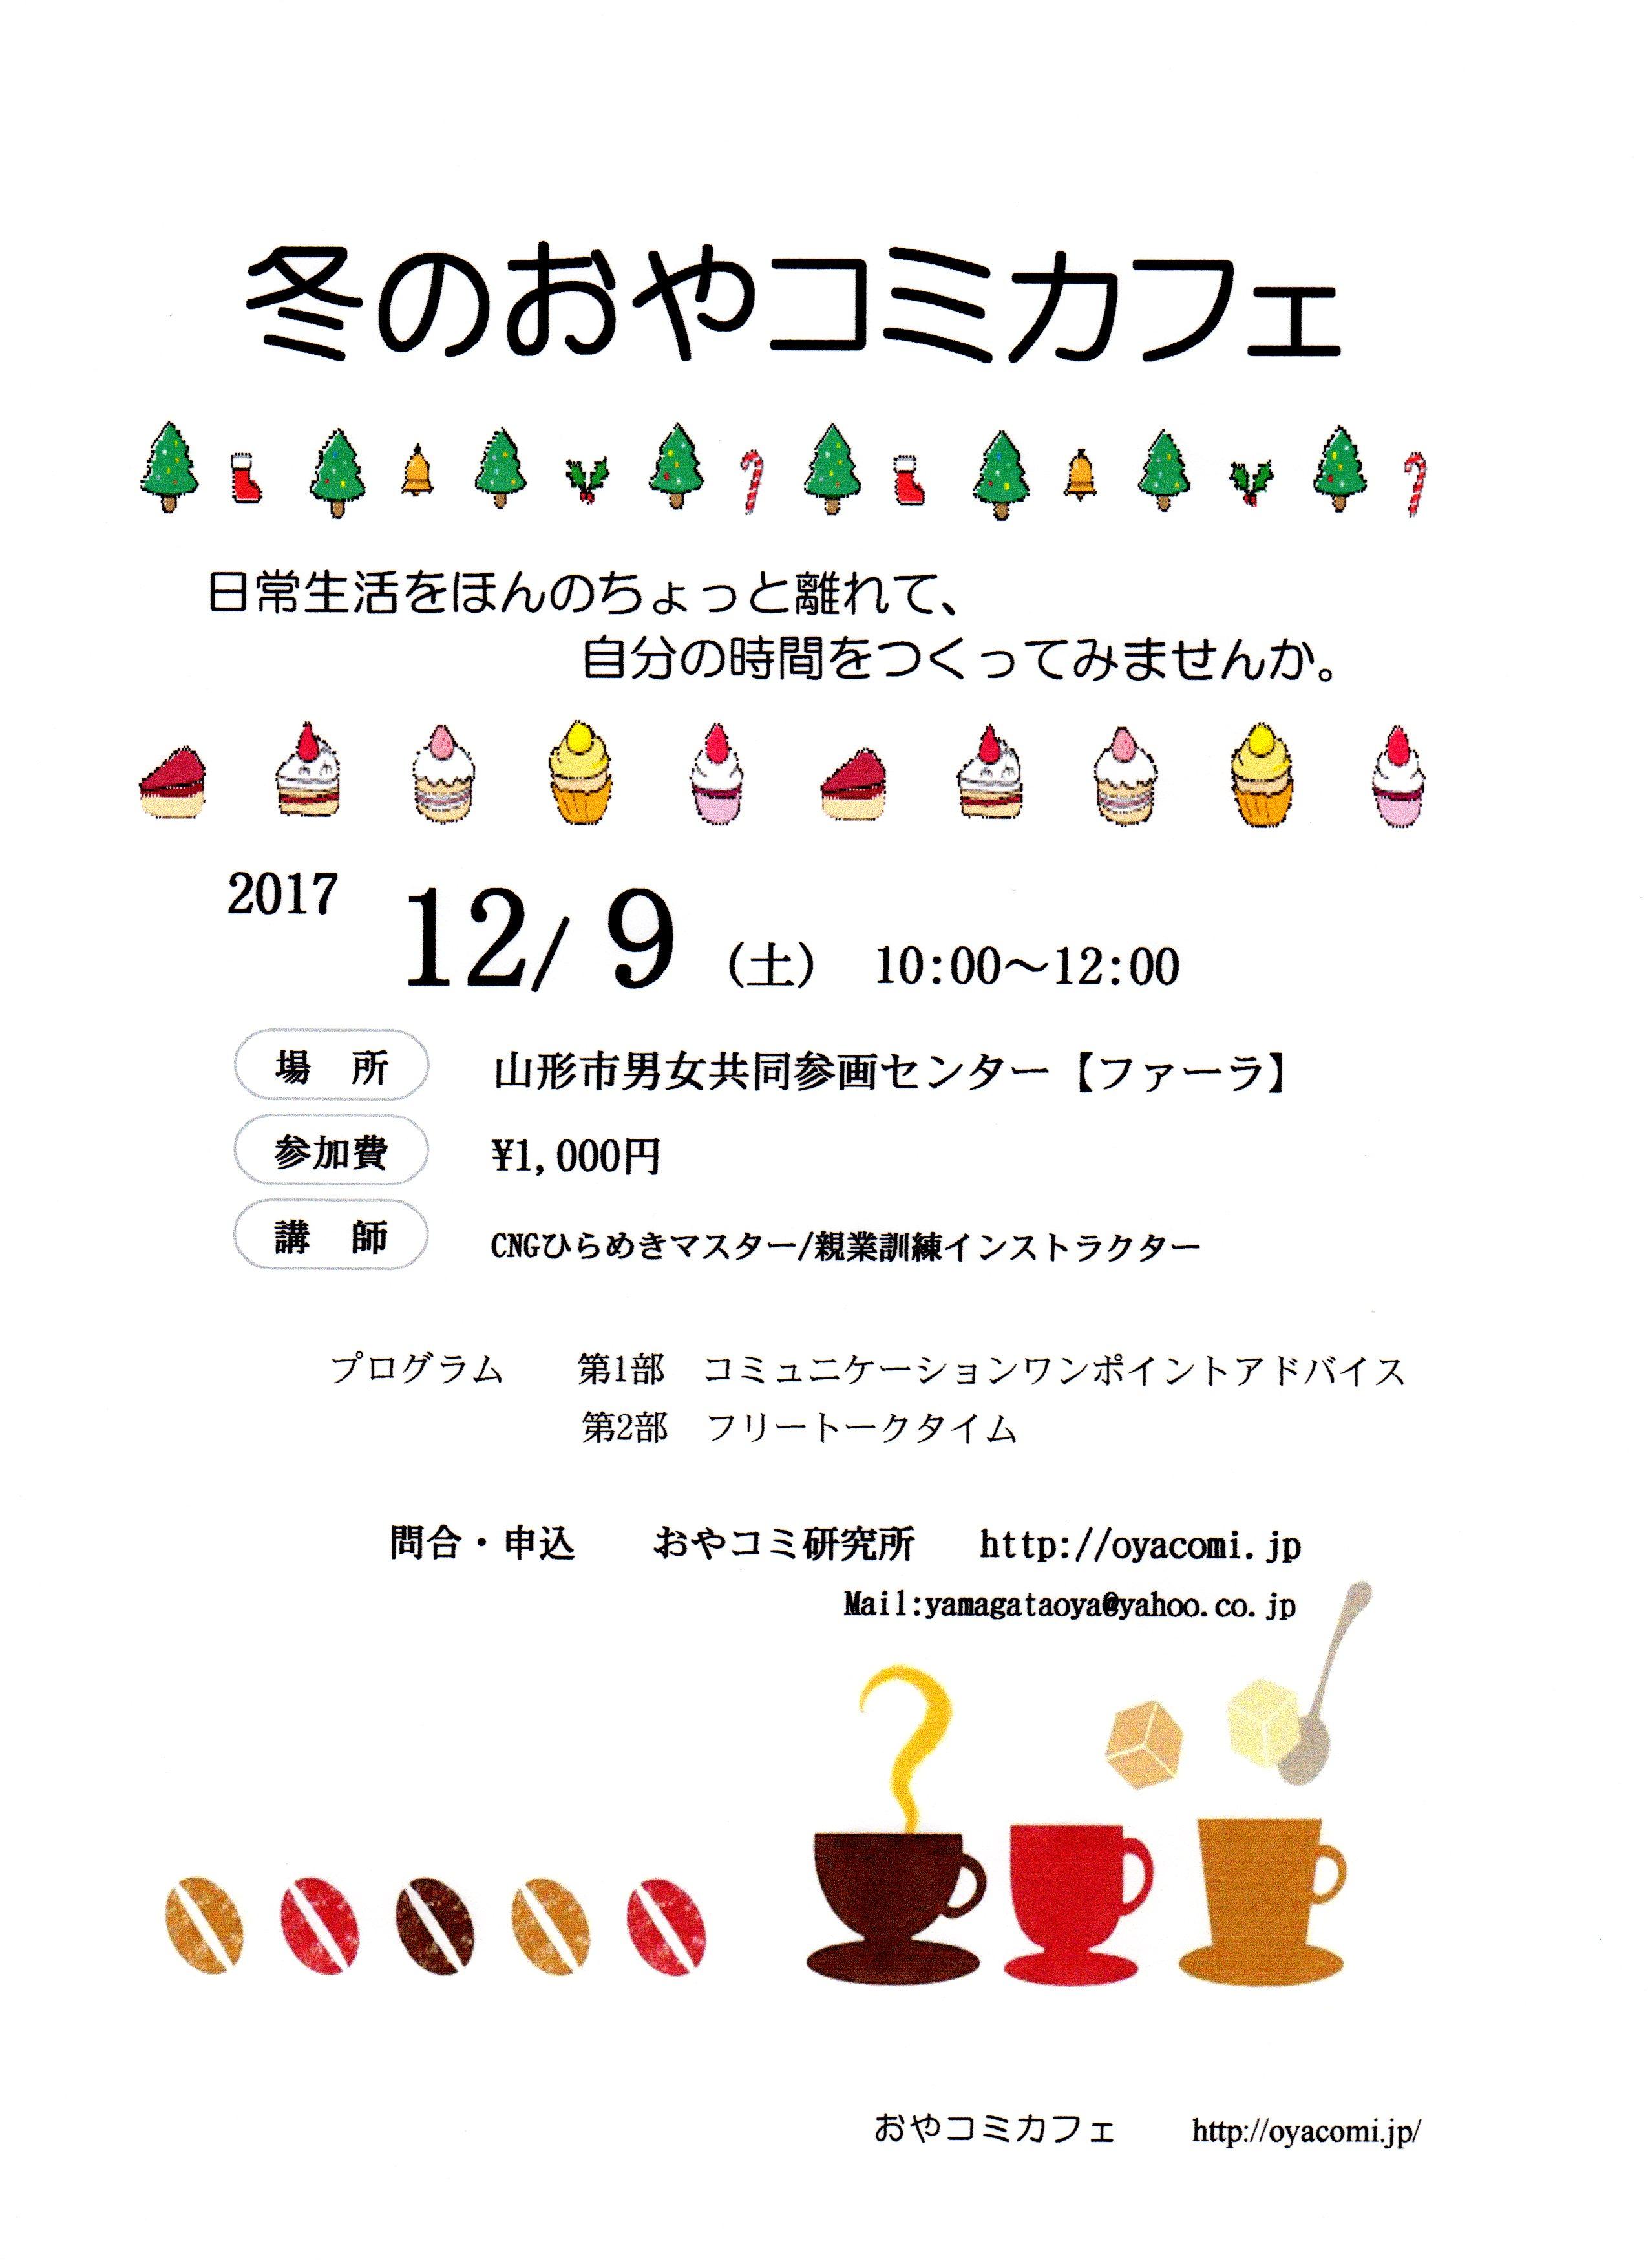 【ご案内】冬のおやコミカフェ